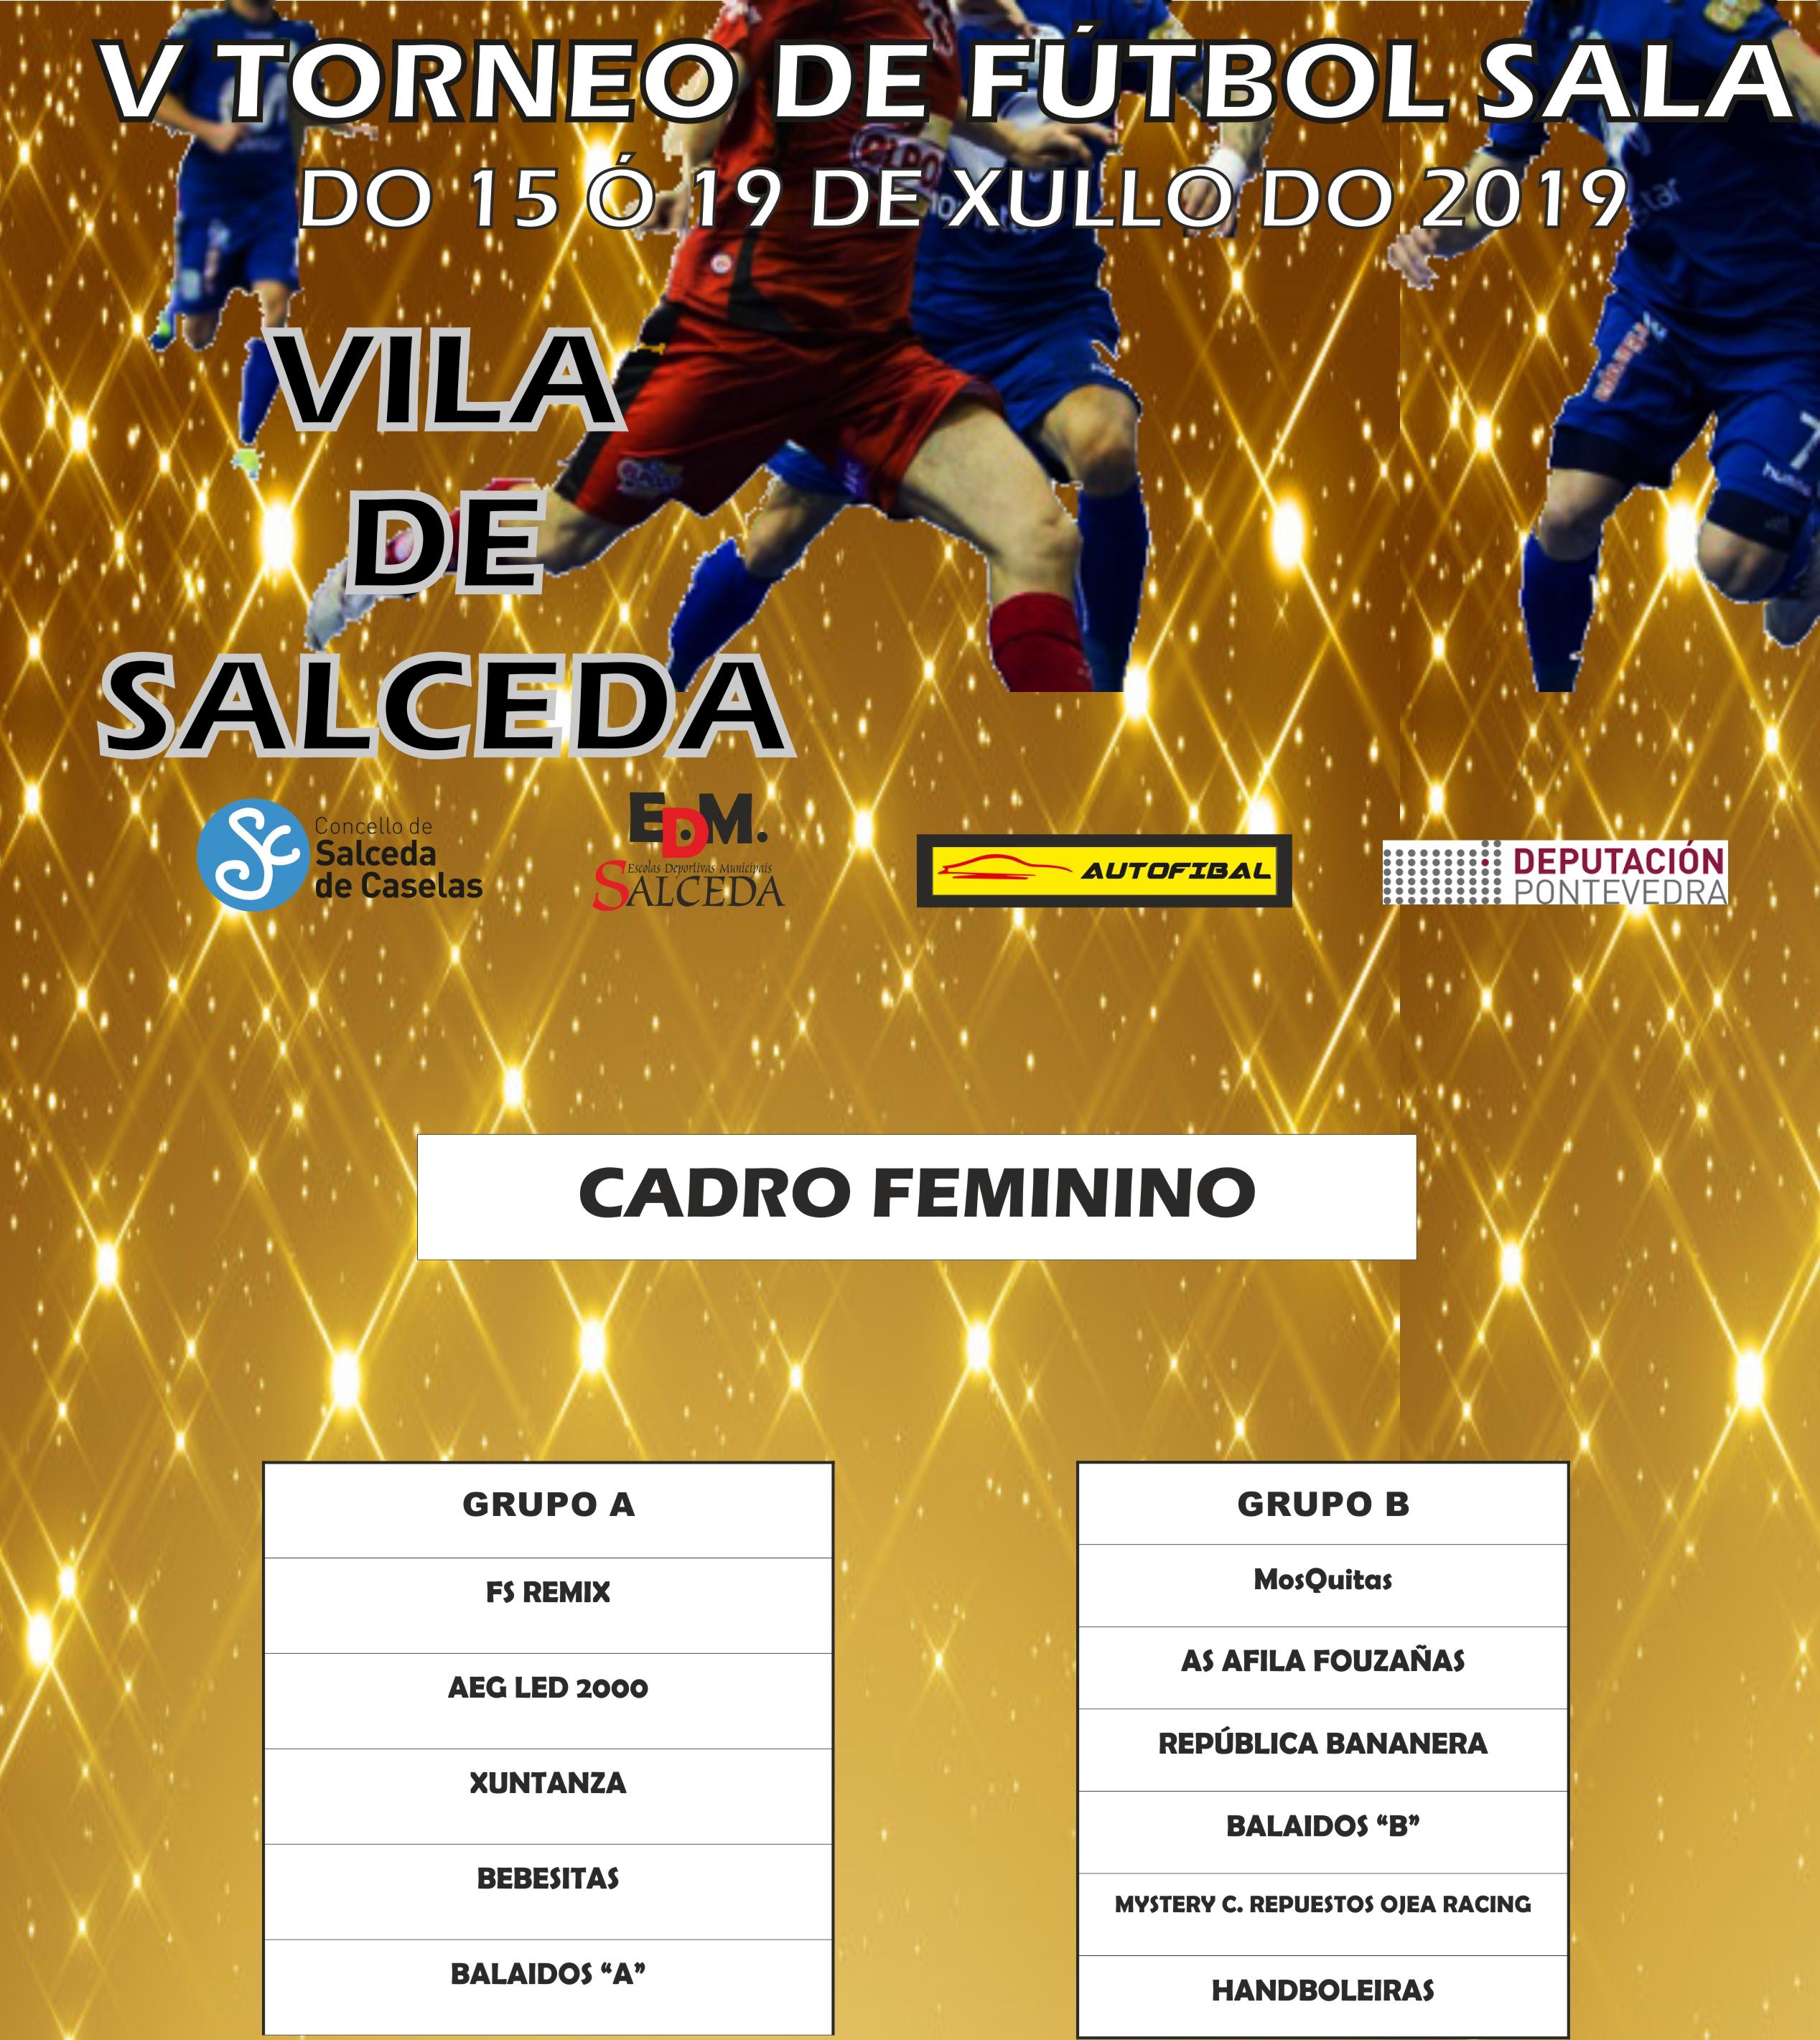 CADRO FEMININO FUTSAL CRISTO 2019